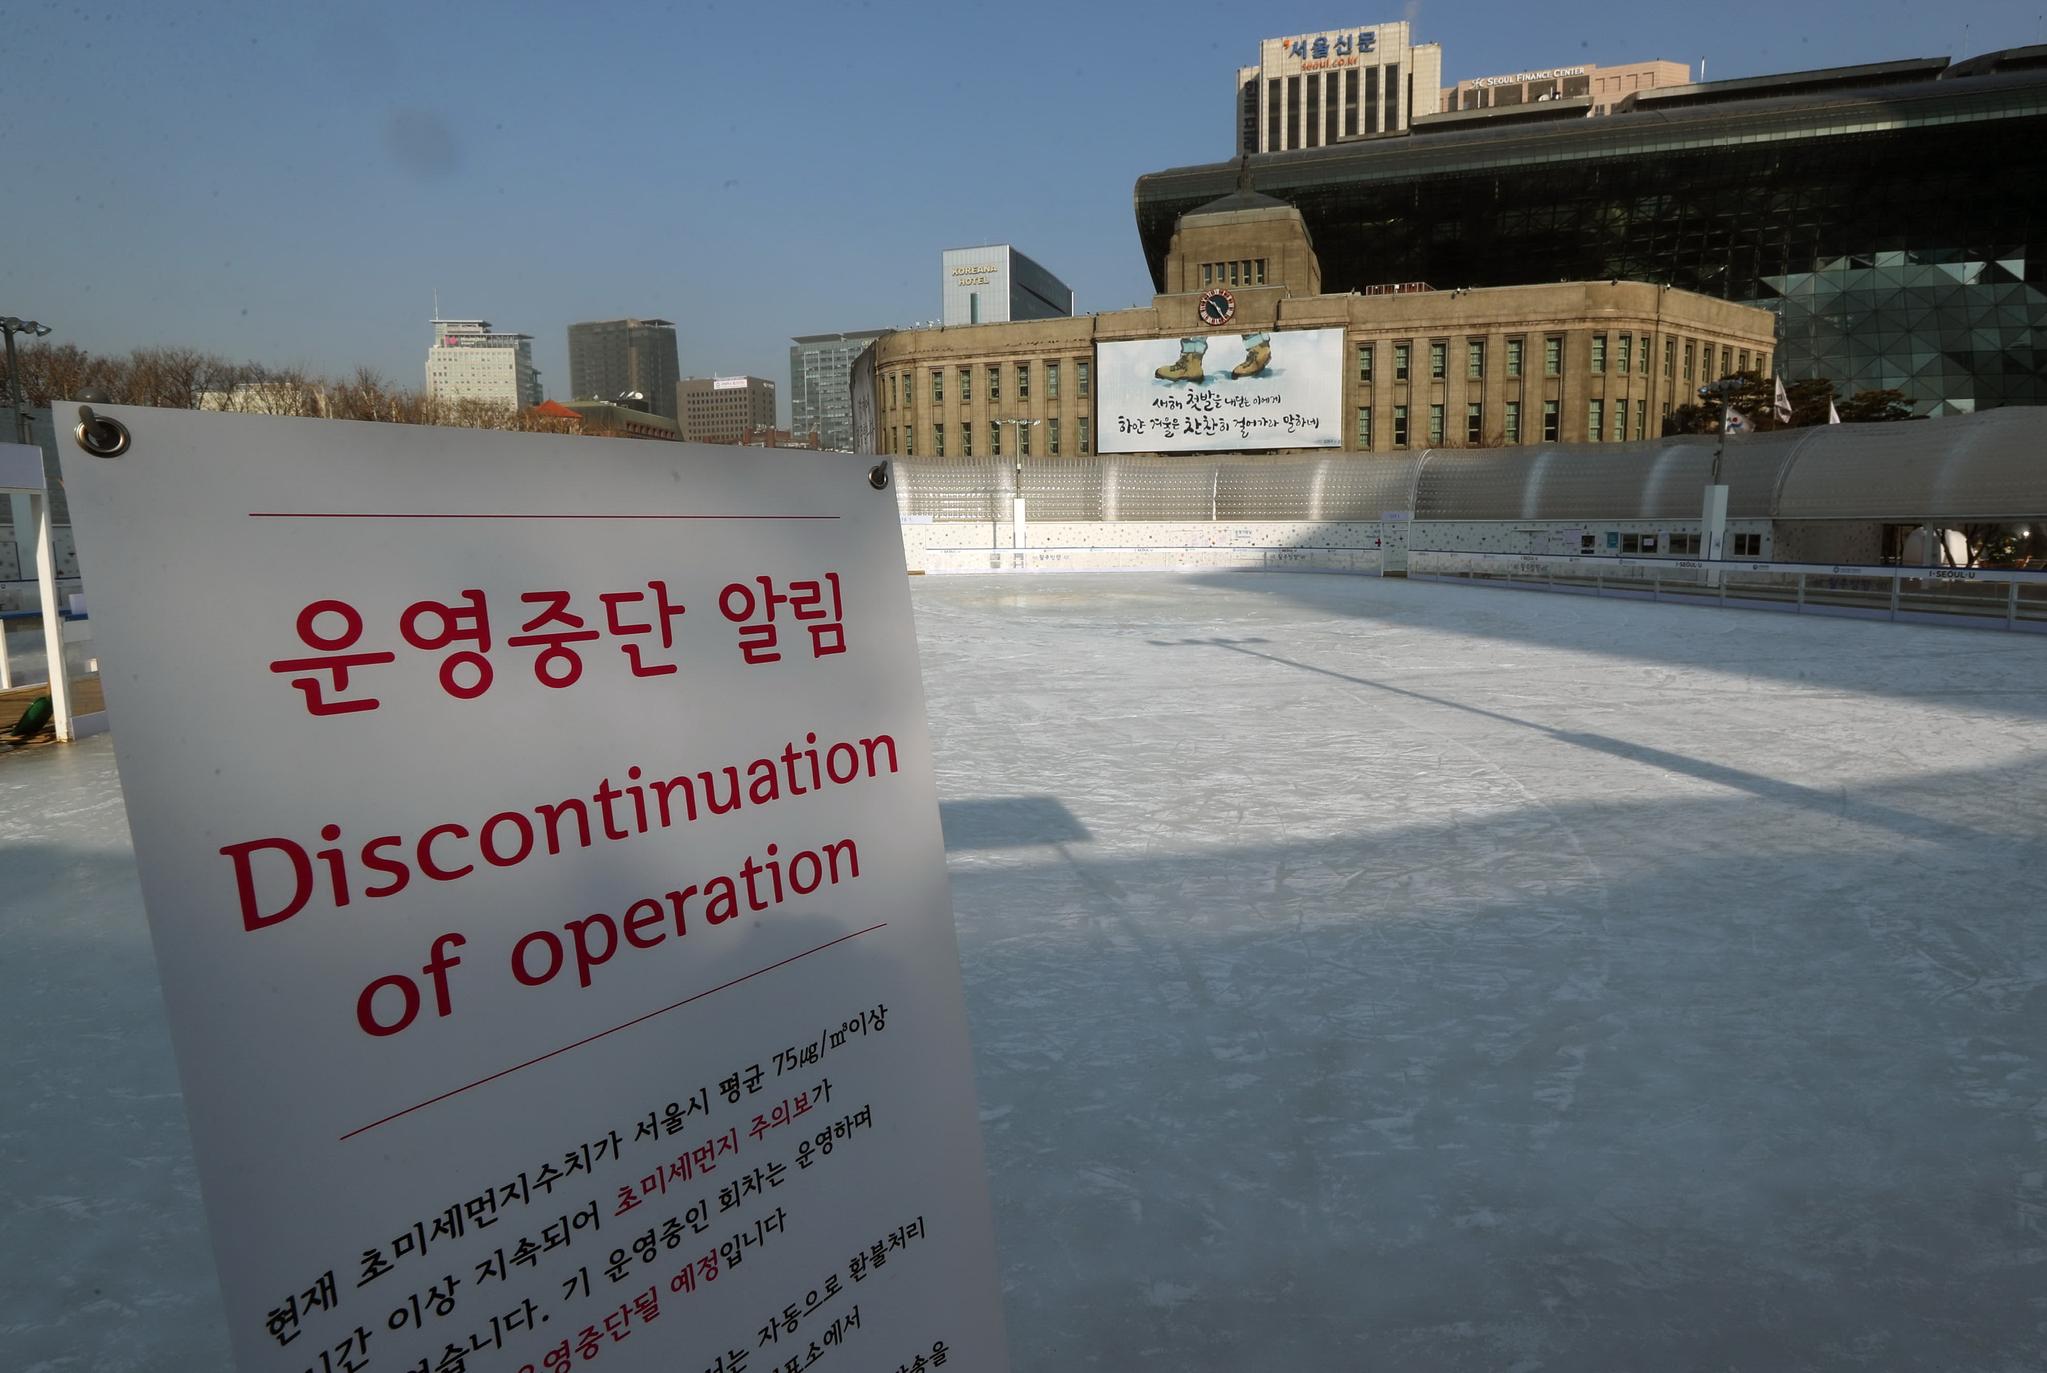 미세먼지,초미세먼지 농도가 나쁨수준을 보인 13일 서울광장 스케이트장이 운영을 중단했다. 강정현 기자